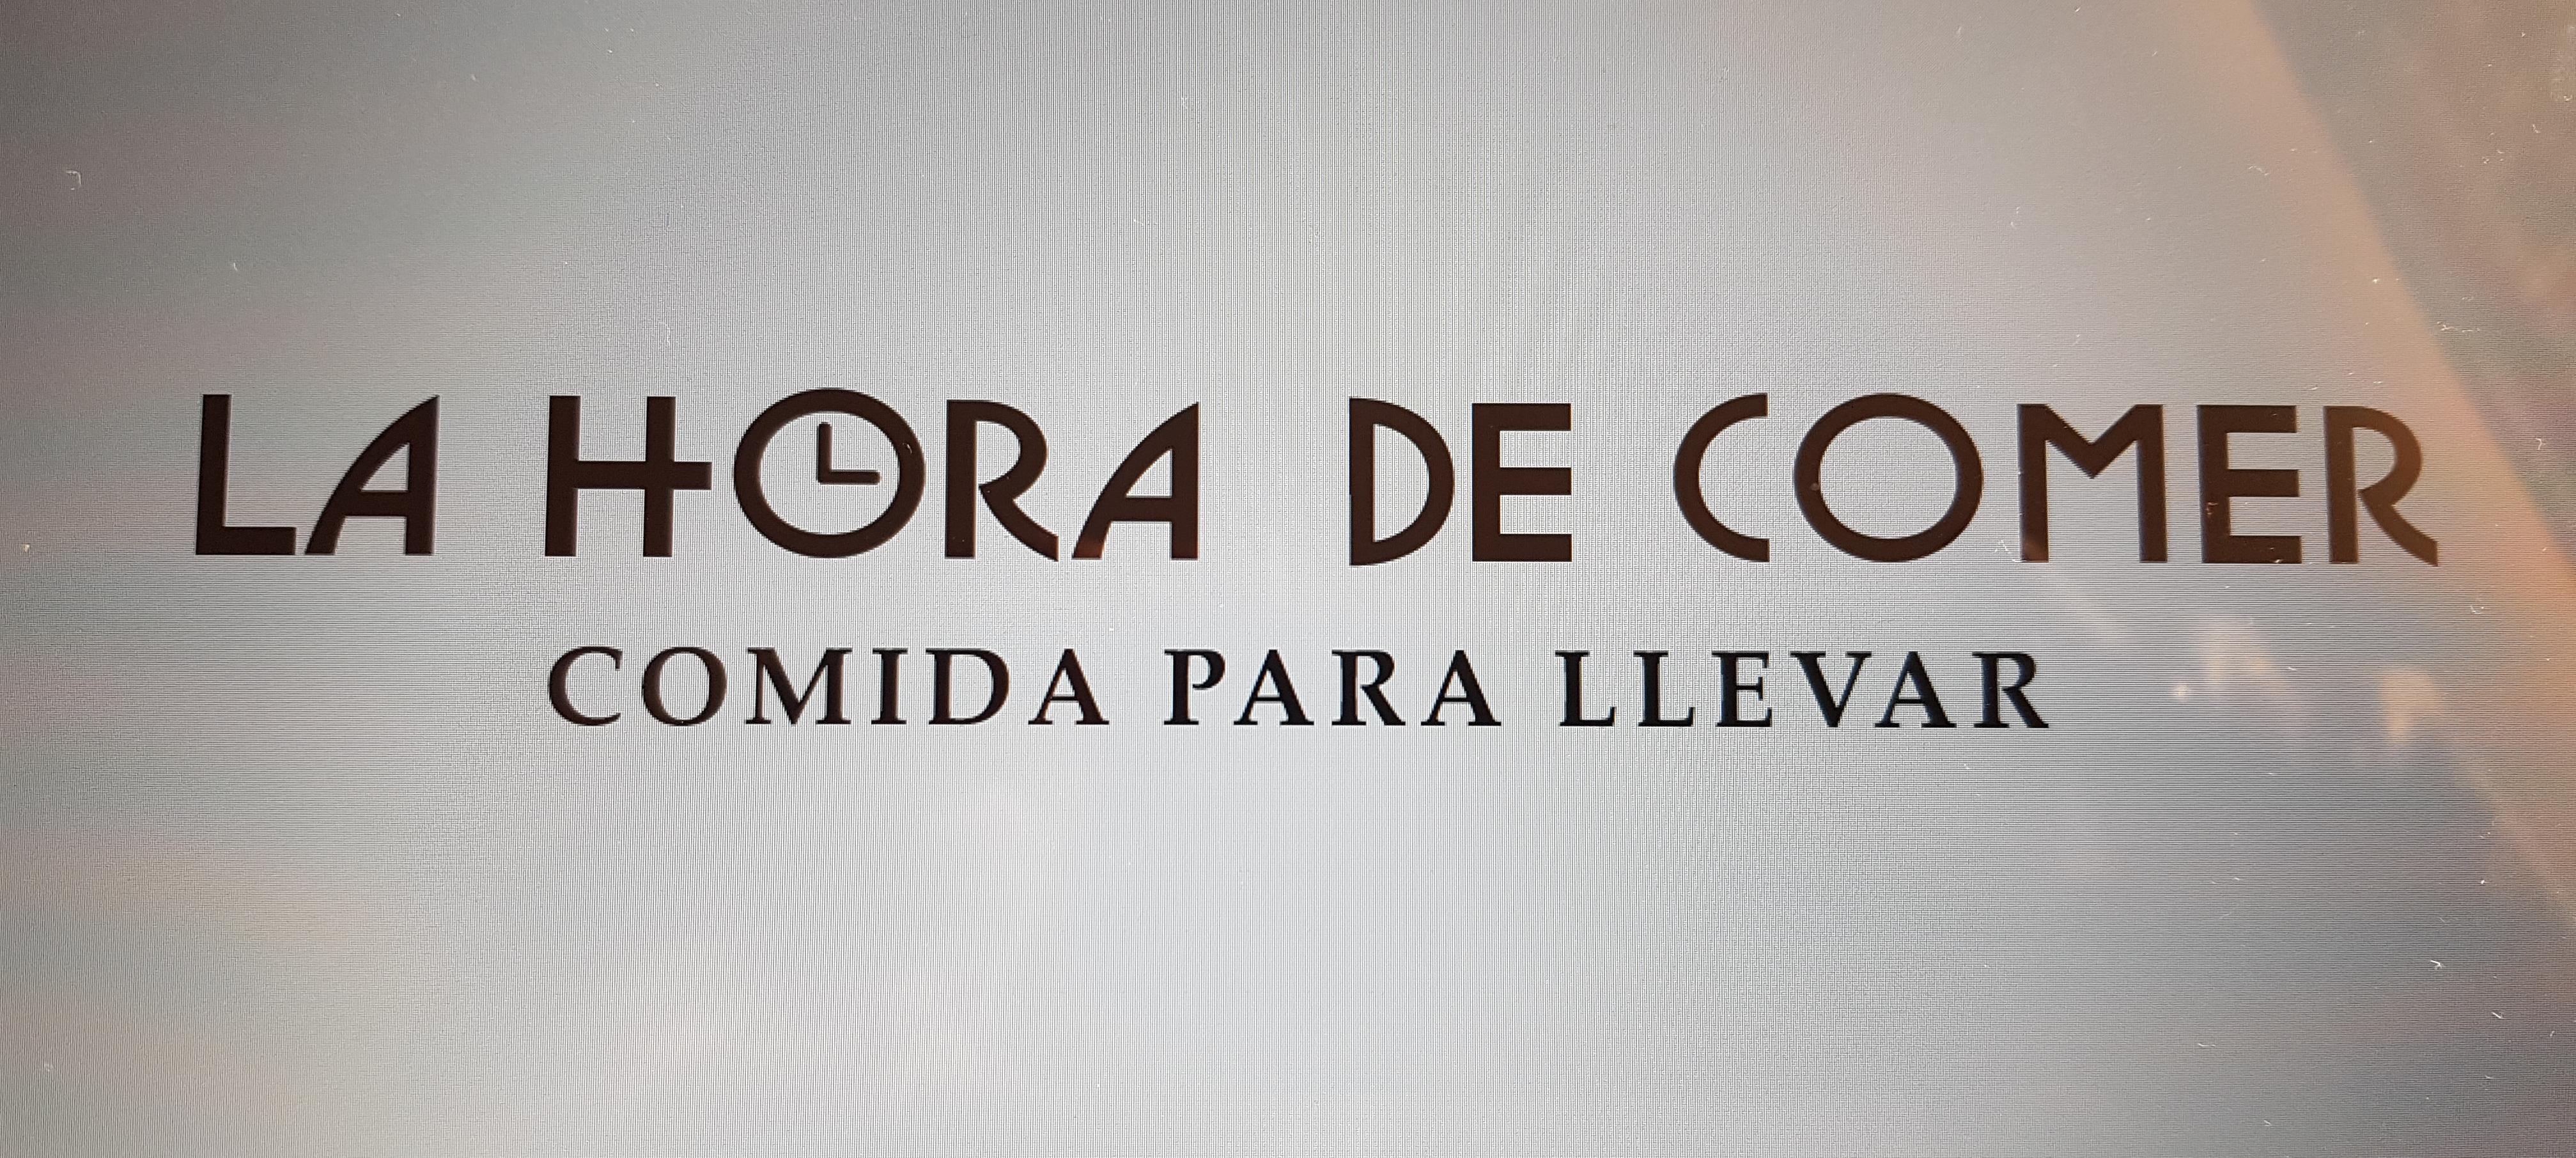 LA HORA DE COMER